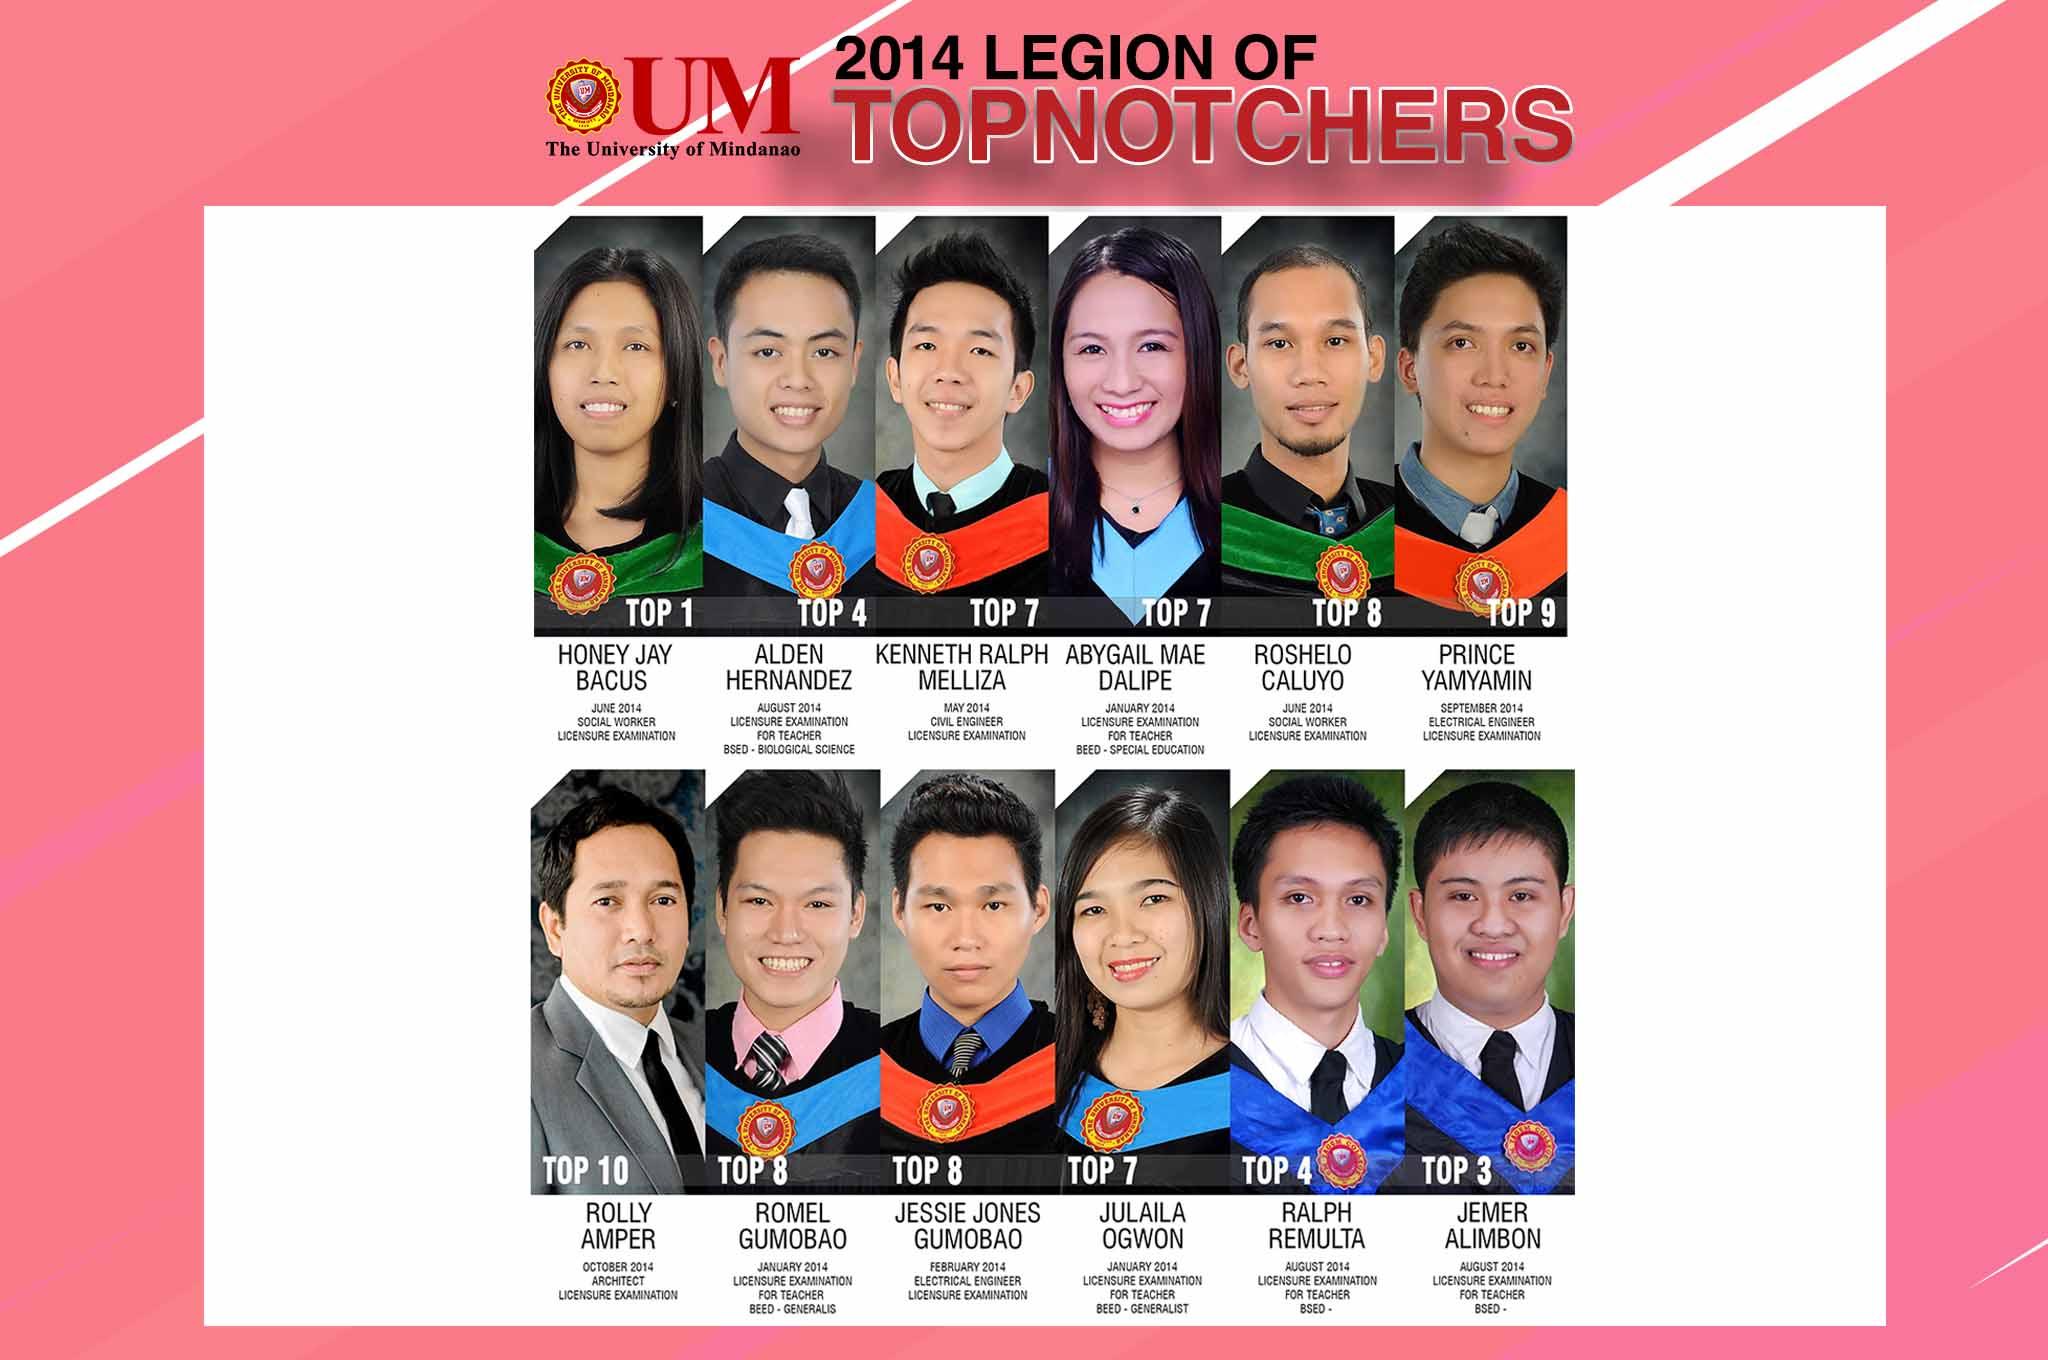 2014 Legion